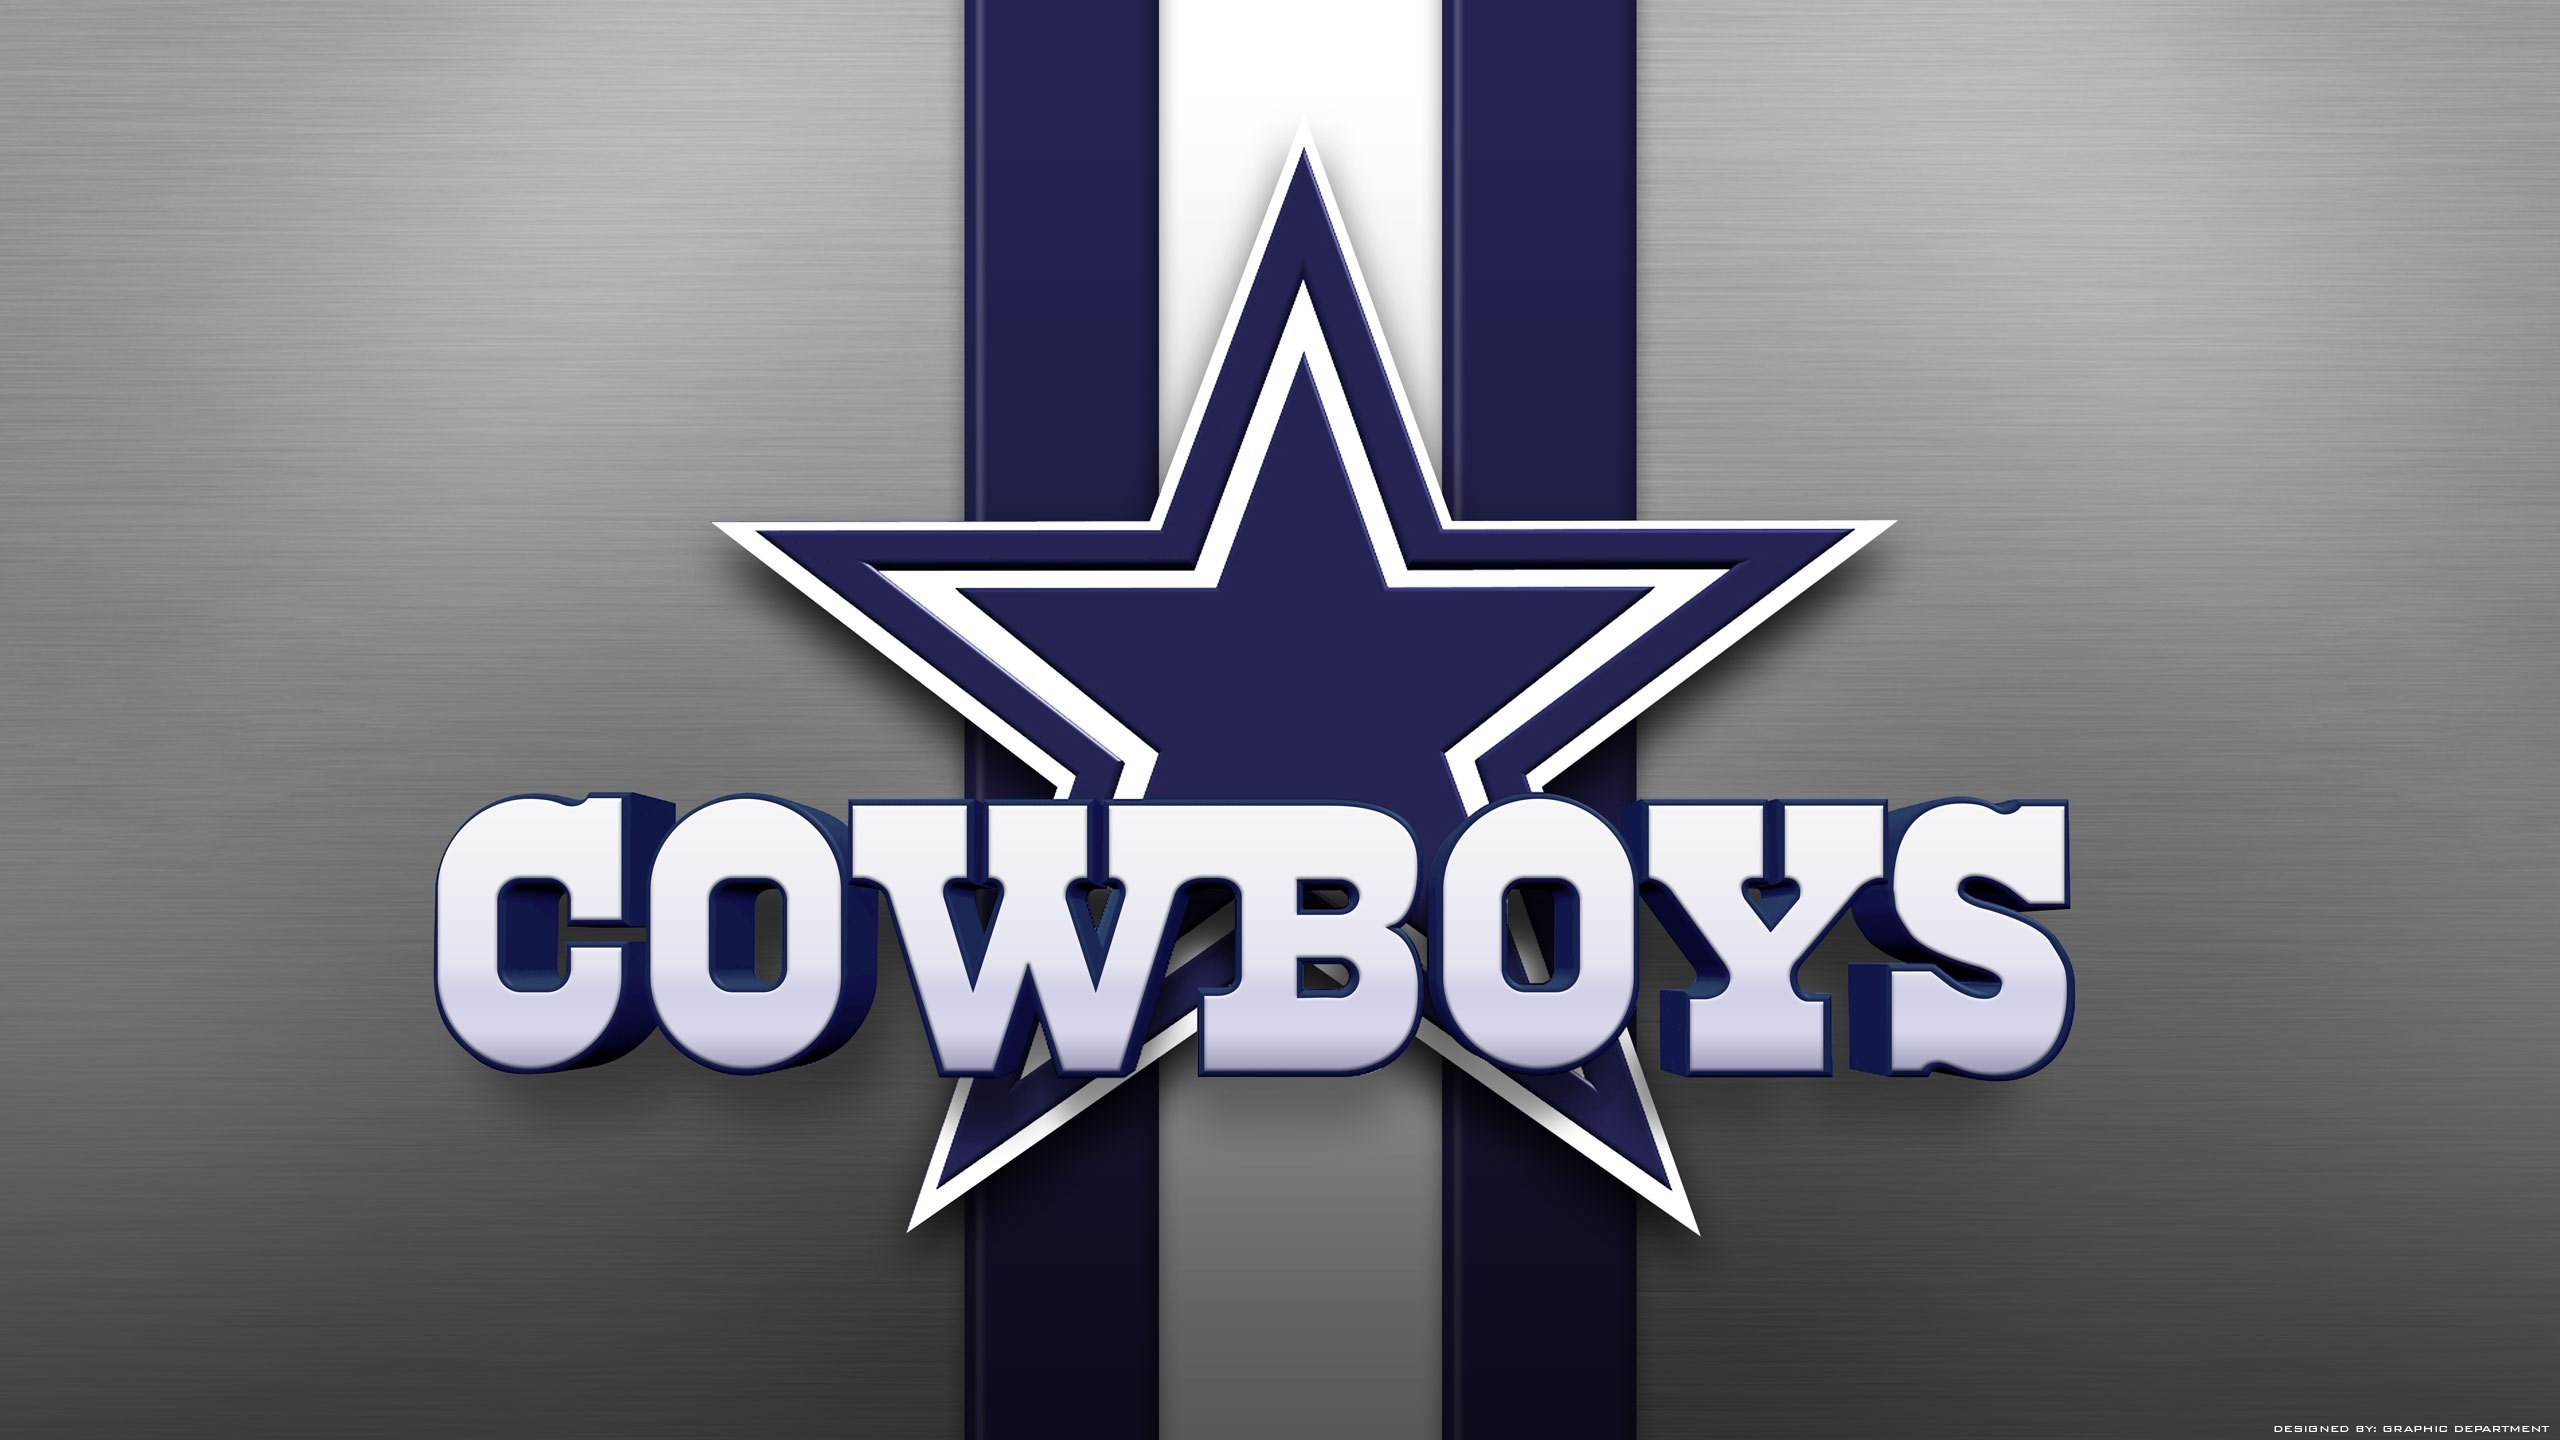 dallas cowboys pic 1080p high quality, (312 kB)